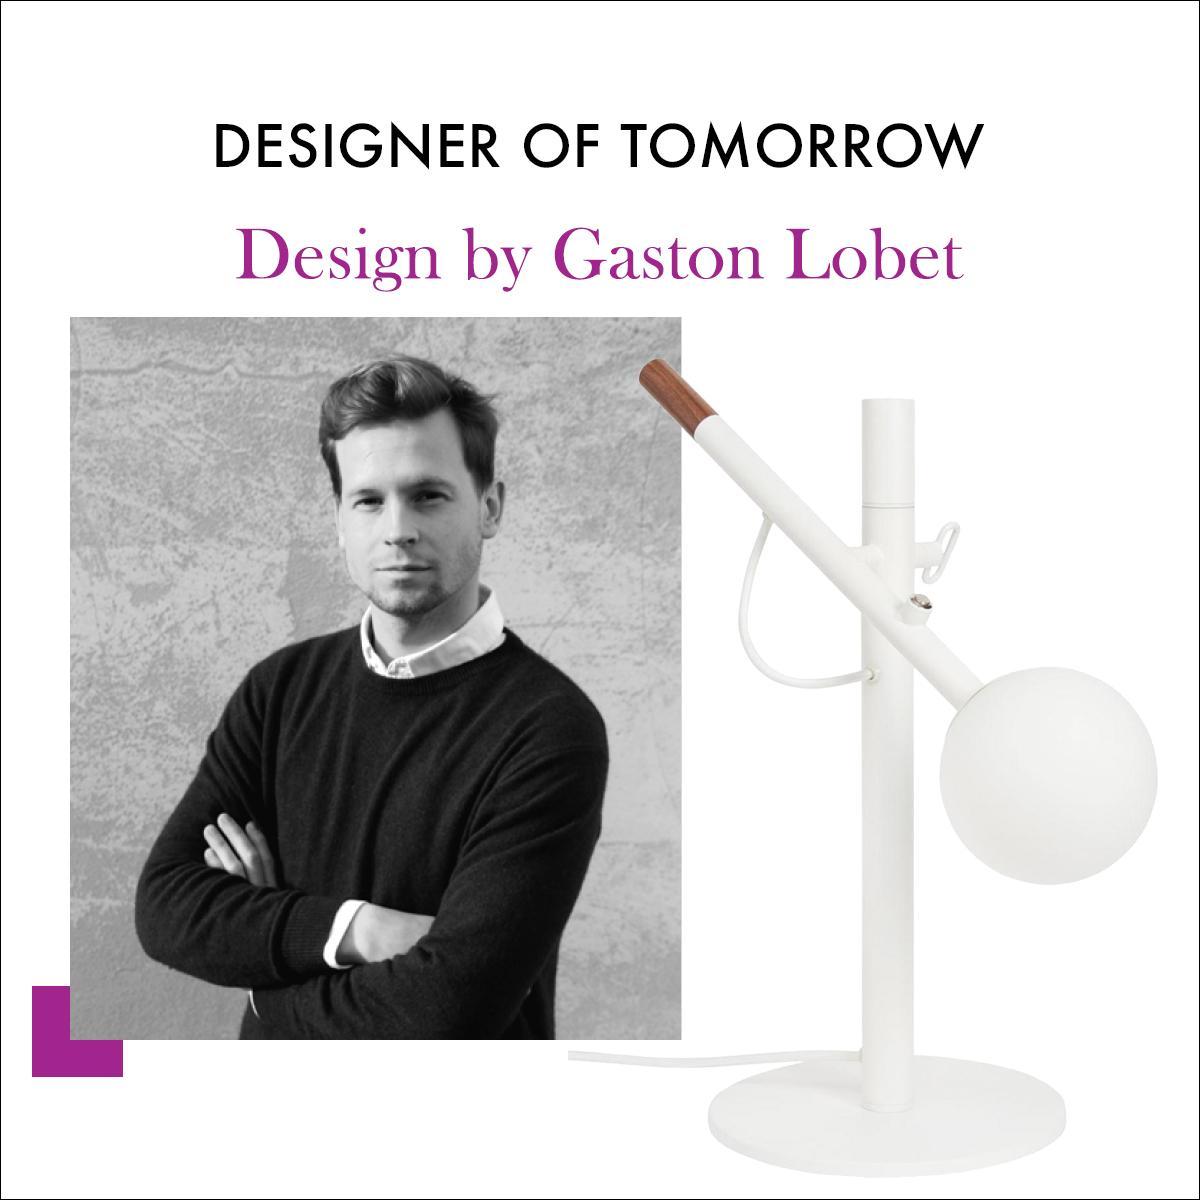 Gaston Lobet